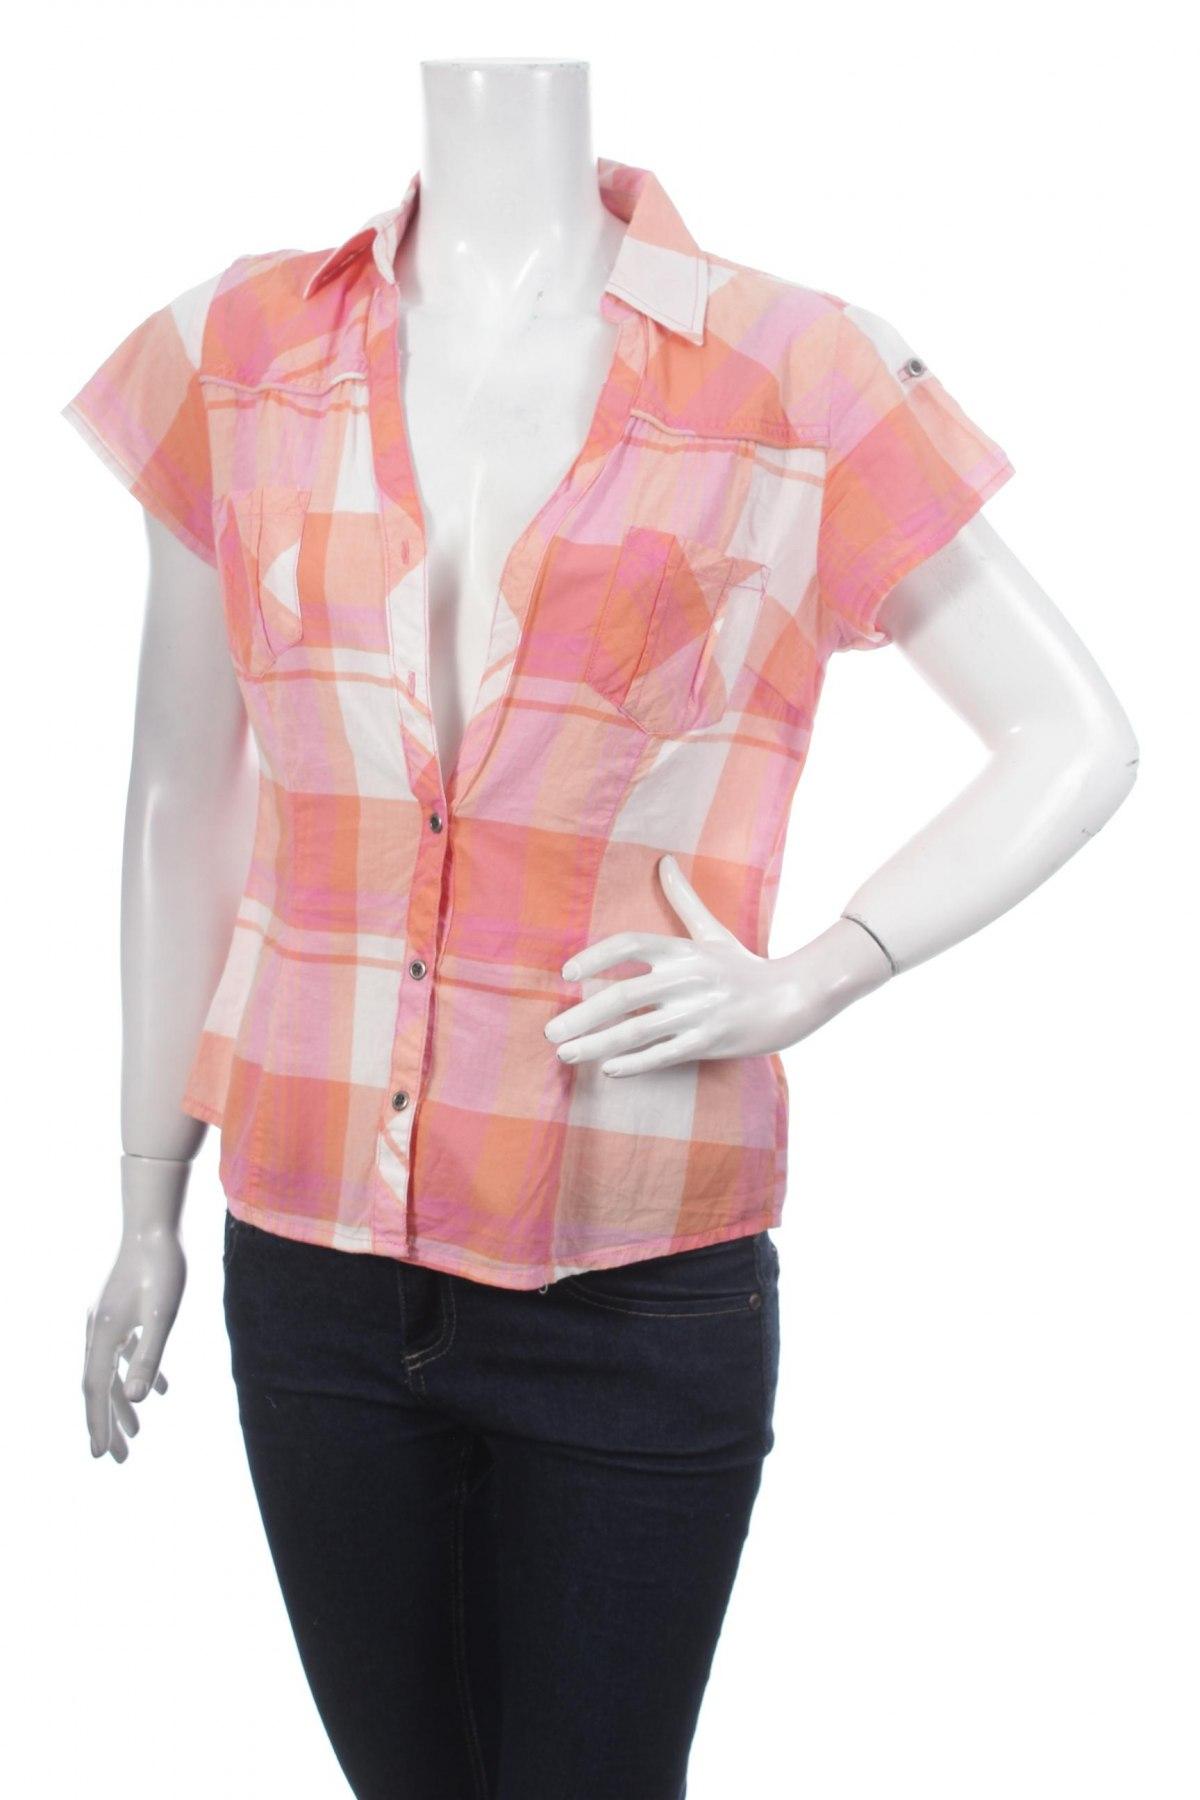 Γυναικείο πουκάμισο Colours Of The World, Μέγεθος L, Χρώμα Πολύχρωμο, 100% βαμβάκι, Τιμή 9,28€